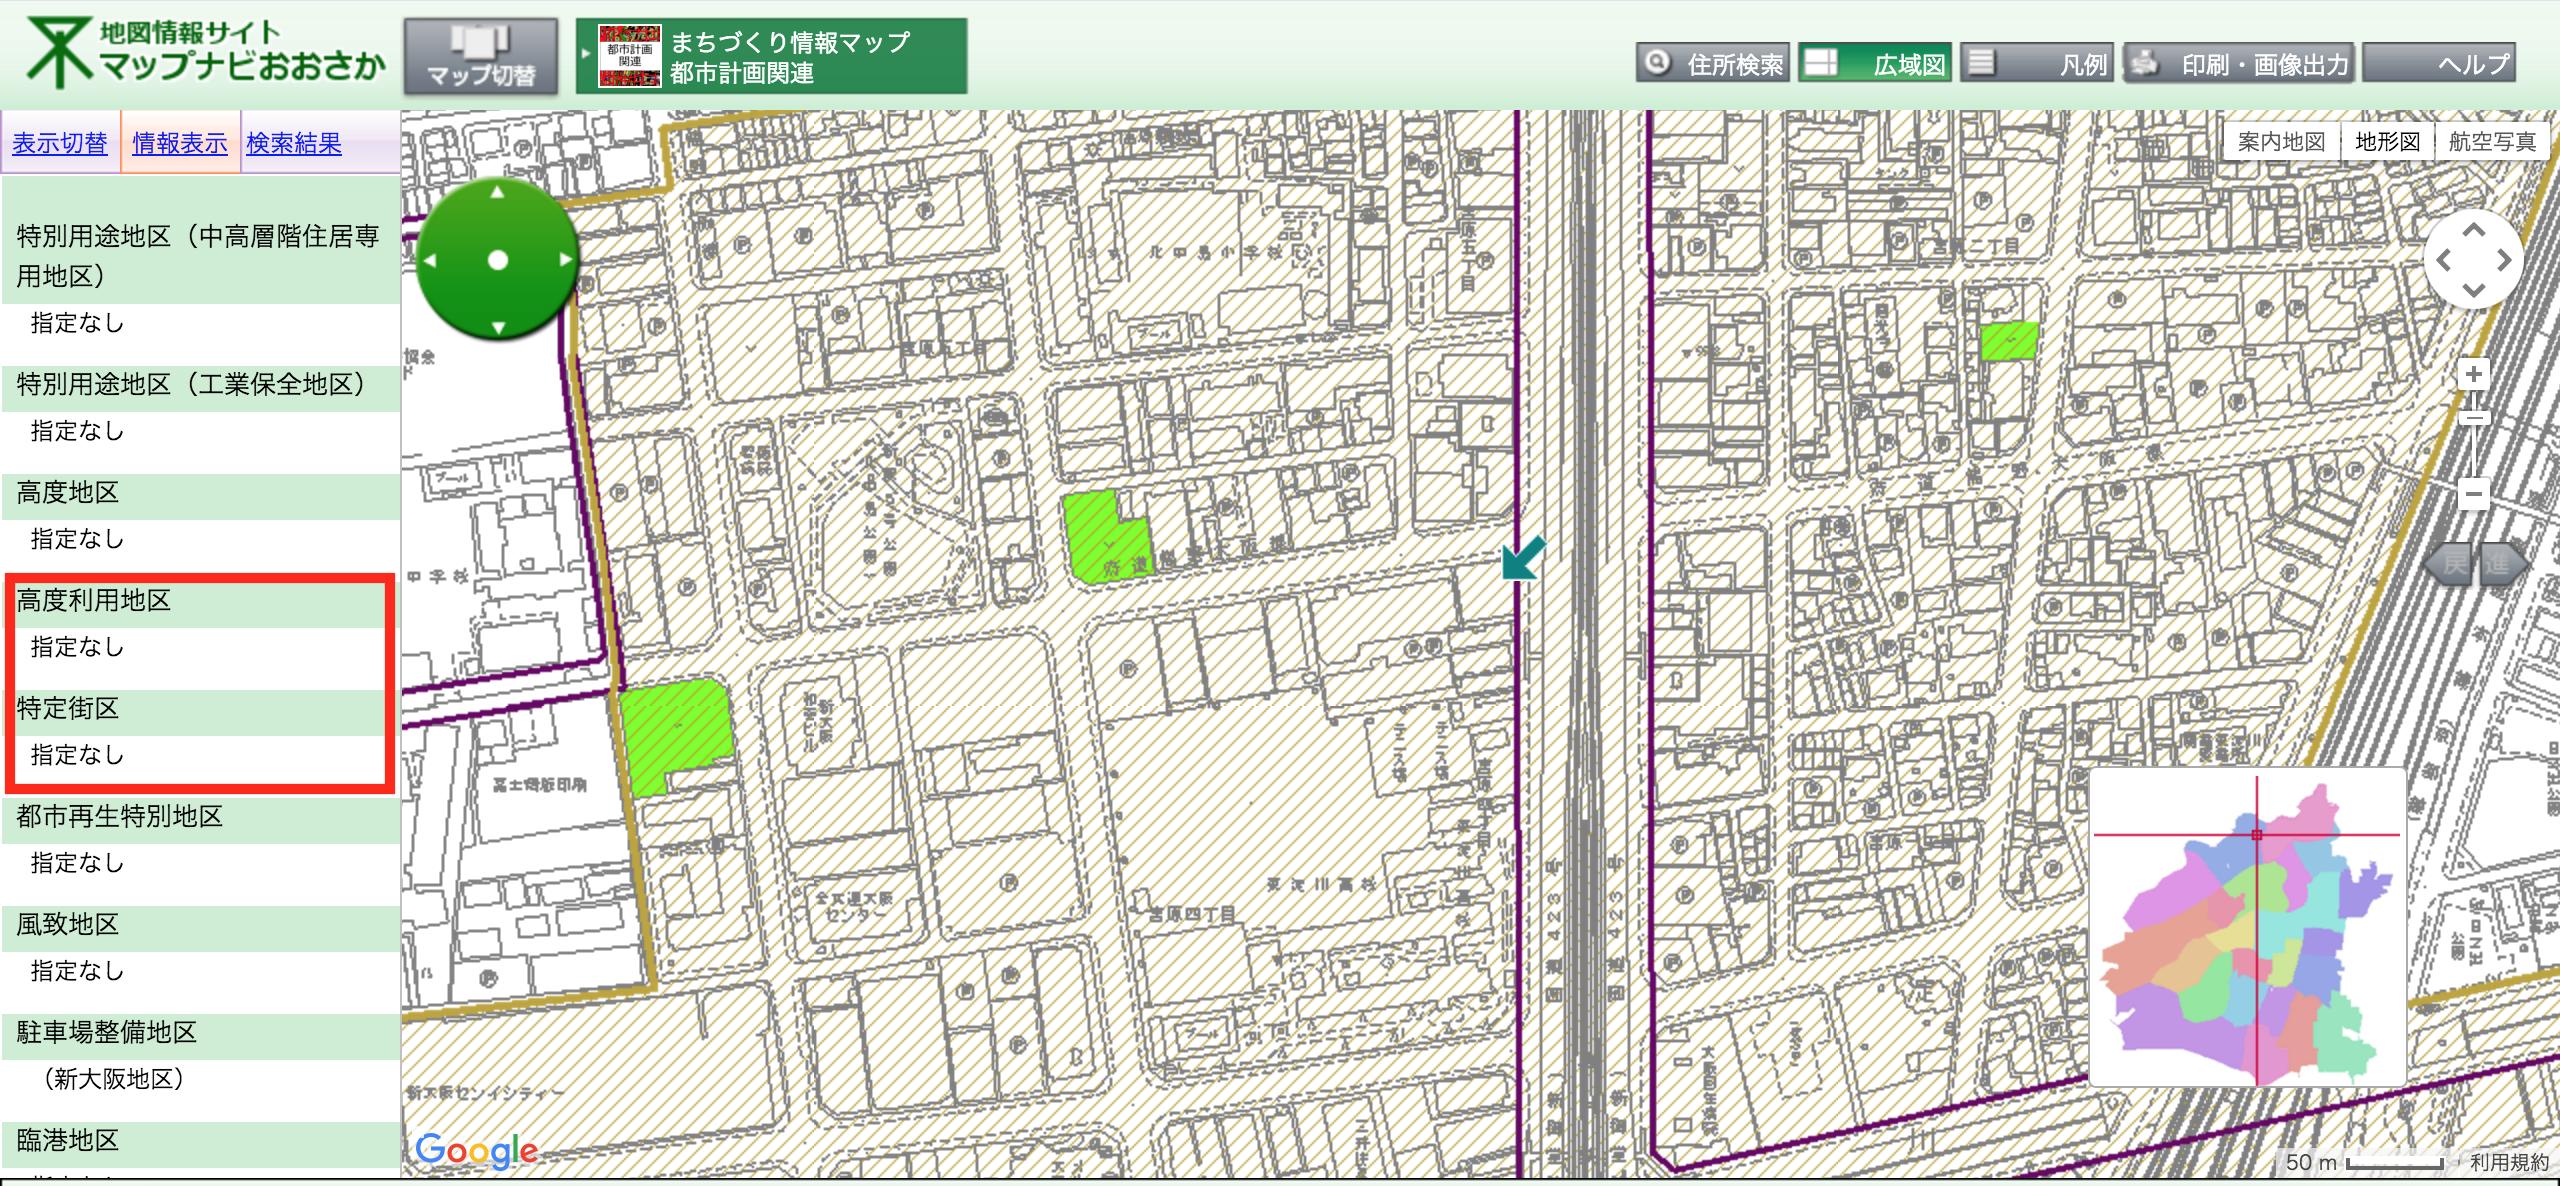 高度利用地区・特定街区画像byいくらチャンネル